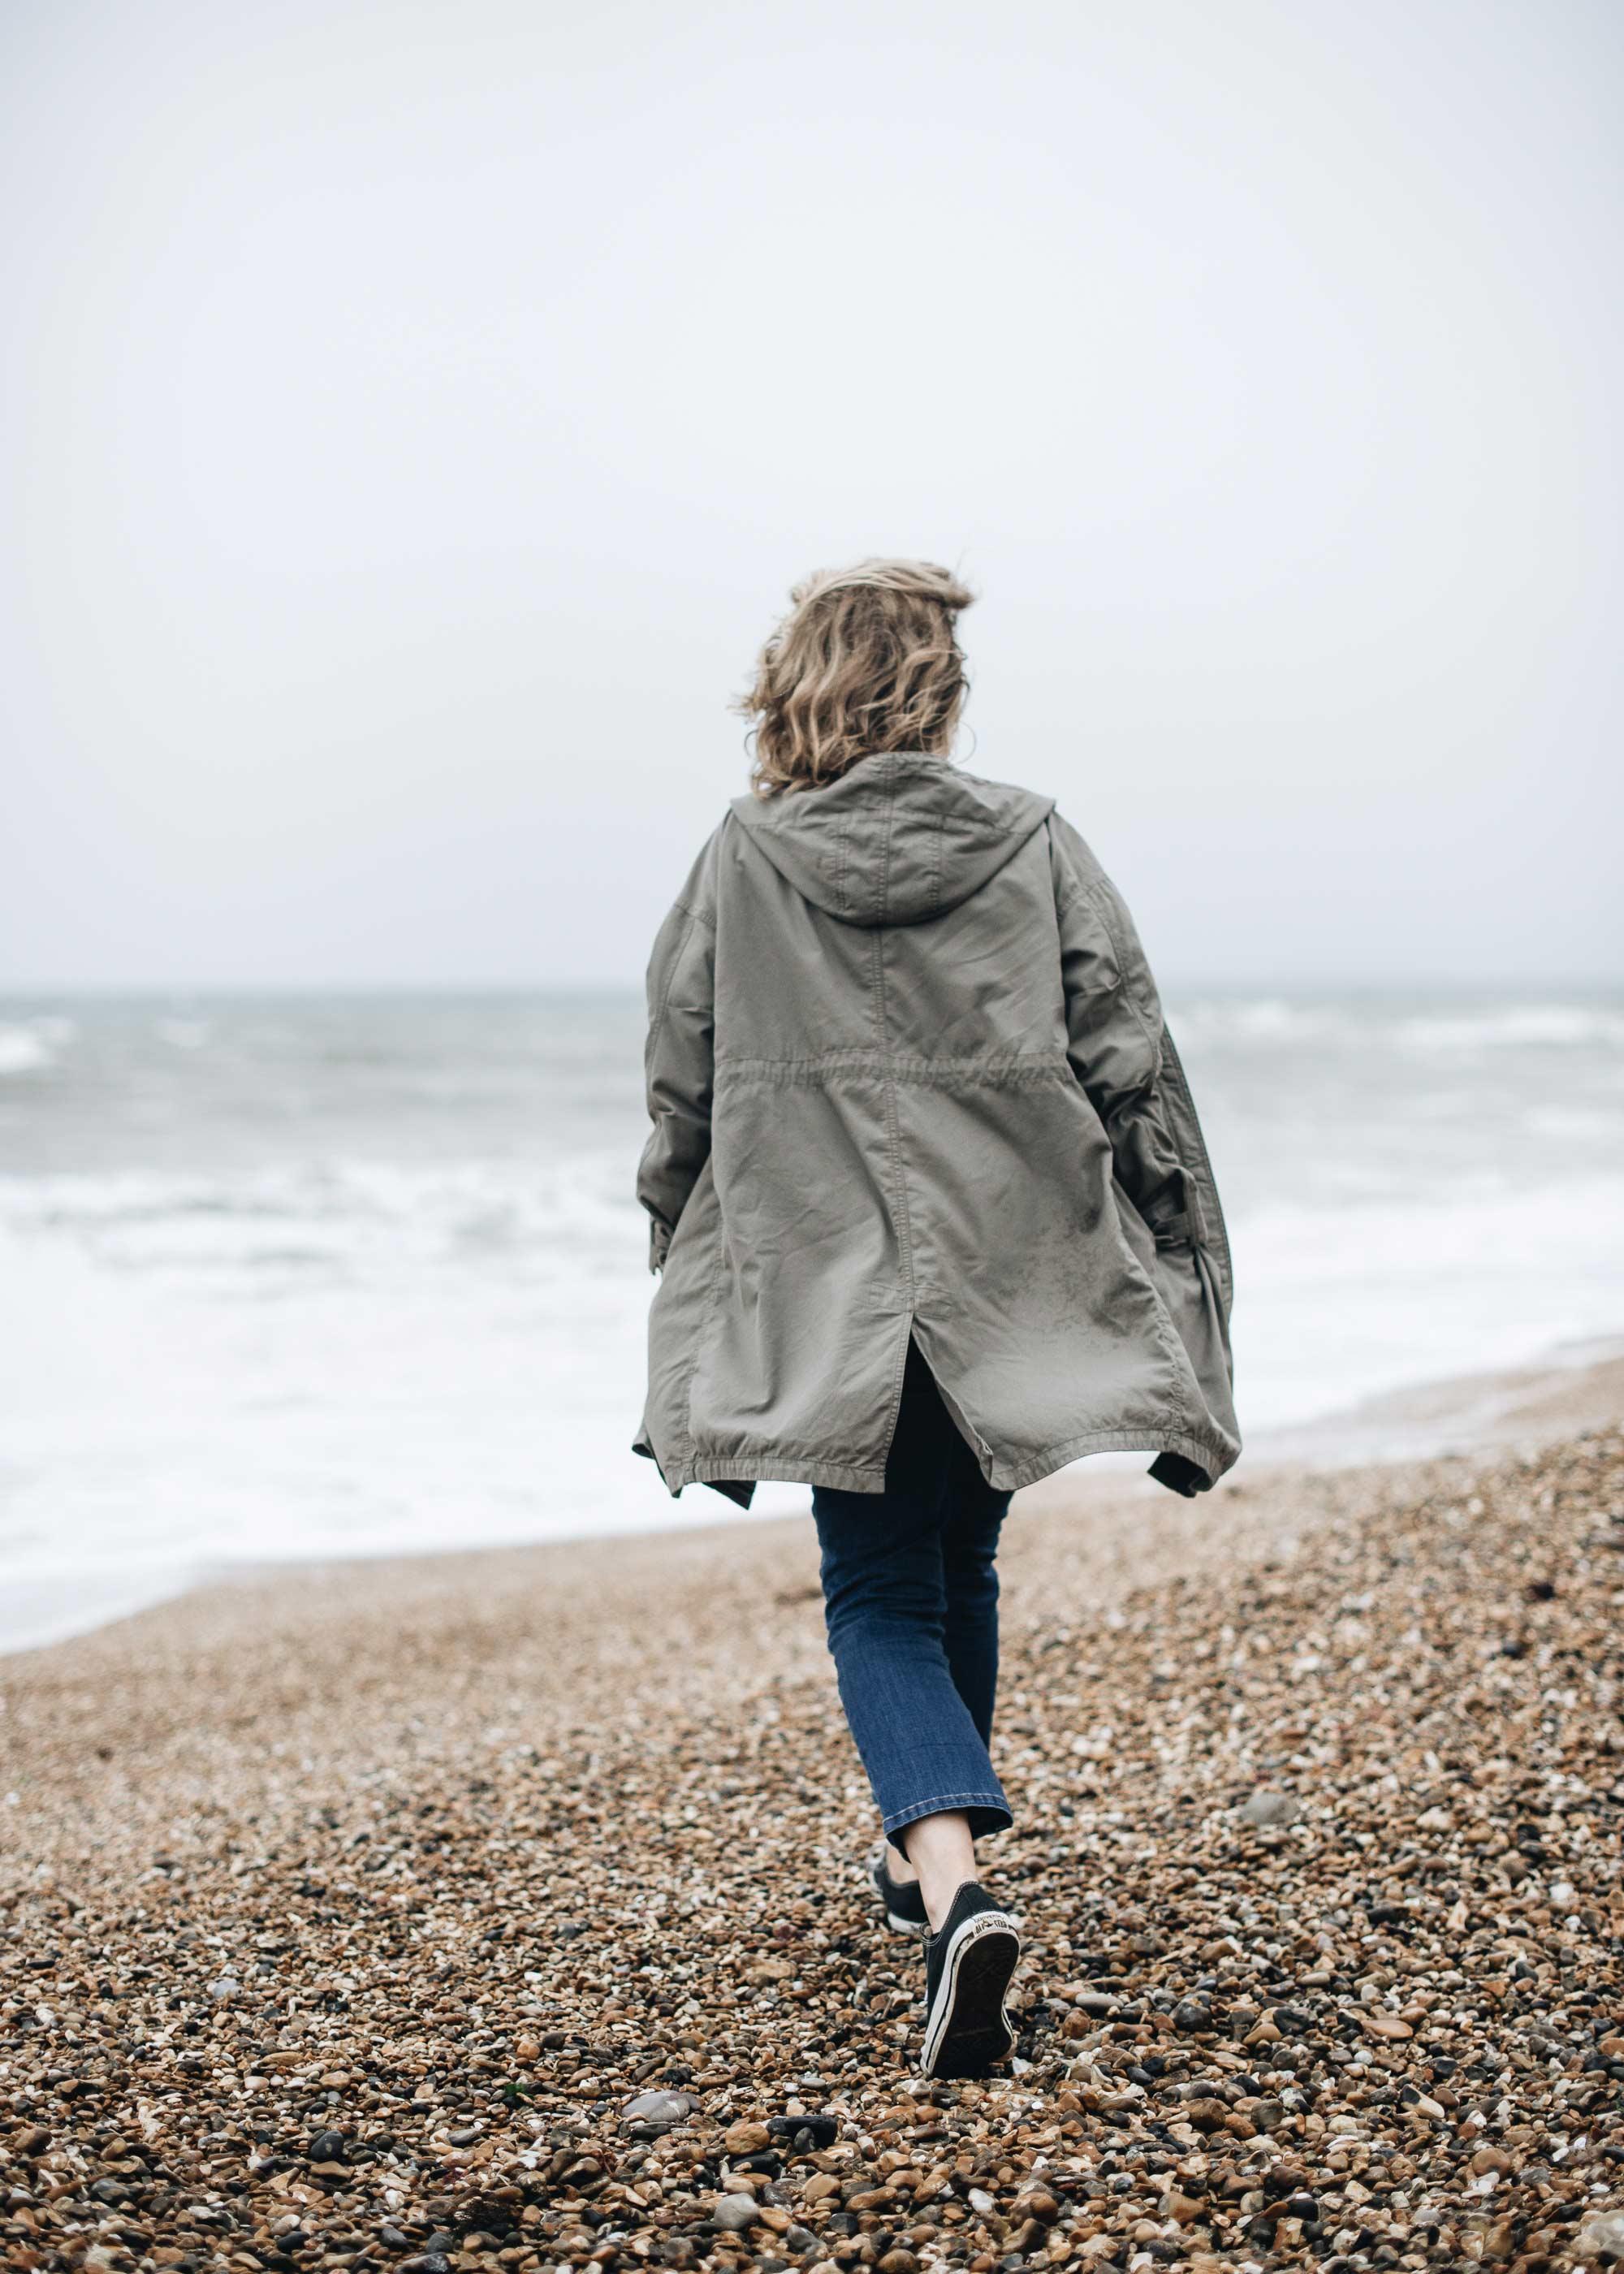 2 SBS-walking-on-the-beach-in-winter.jpg